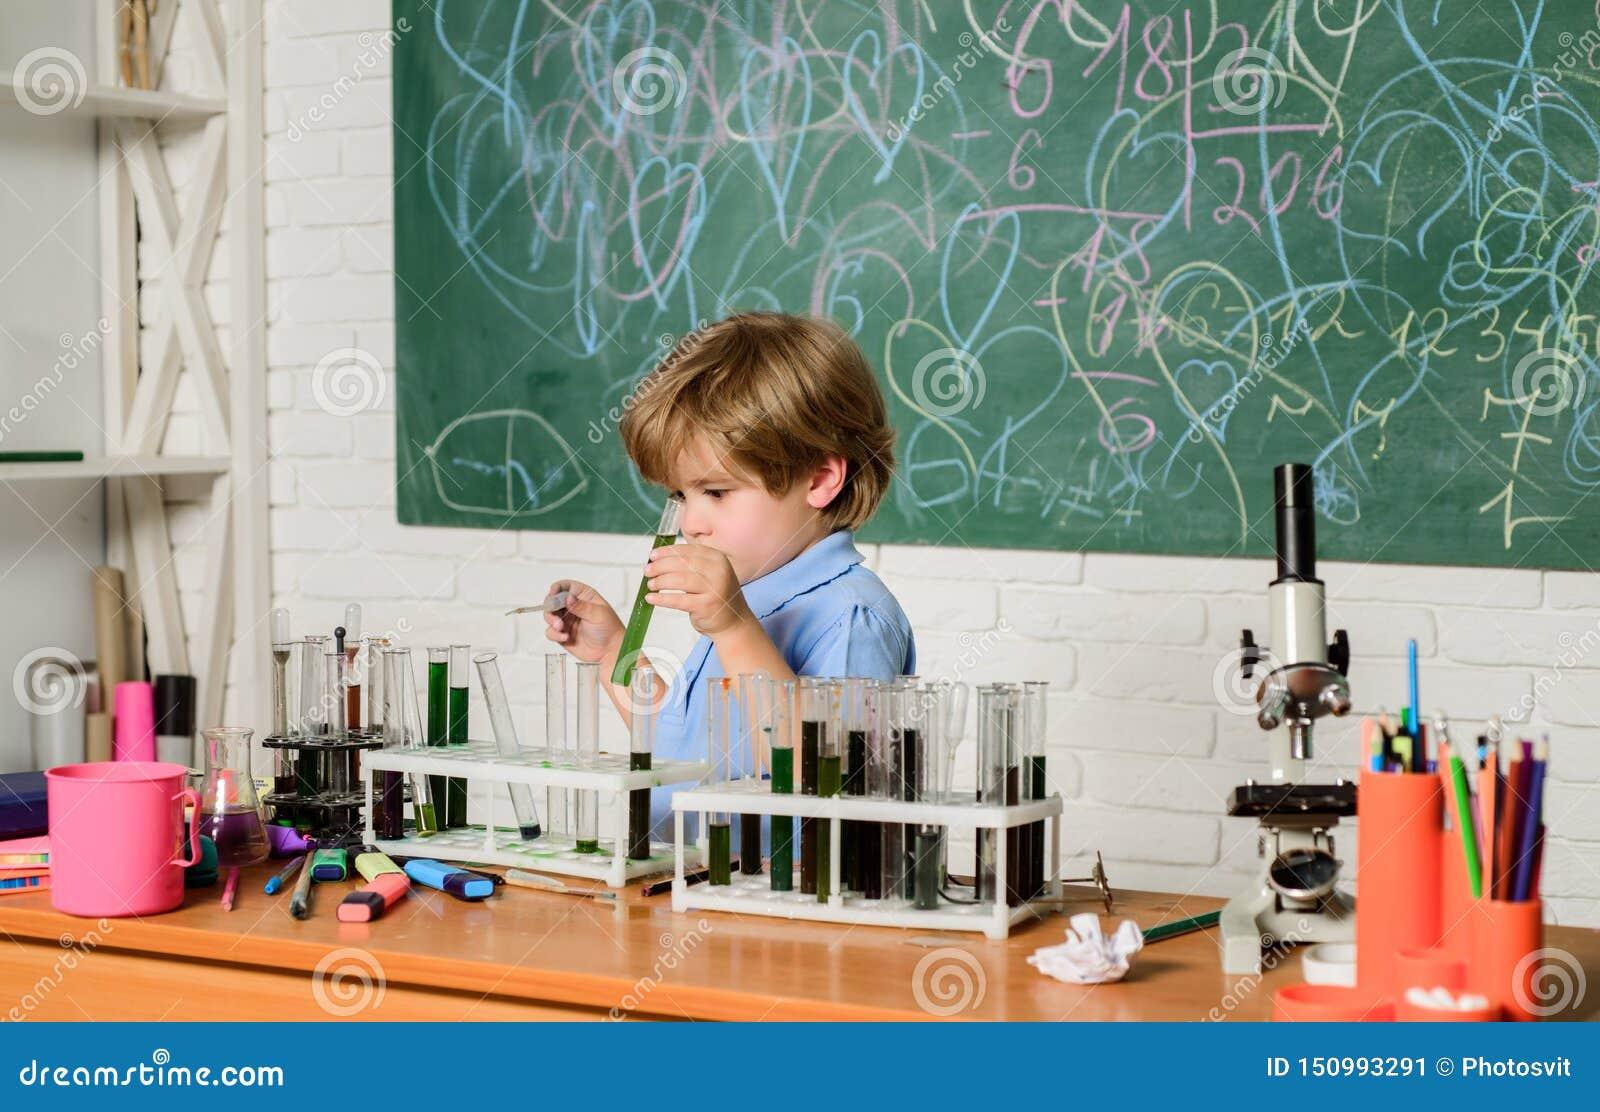 ( r Smart barn som utför kemiprovwunderkinden och